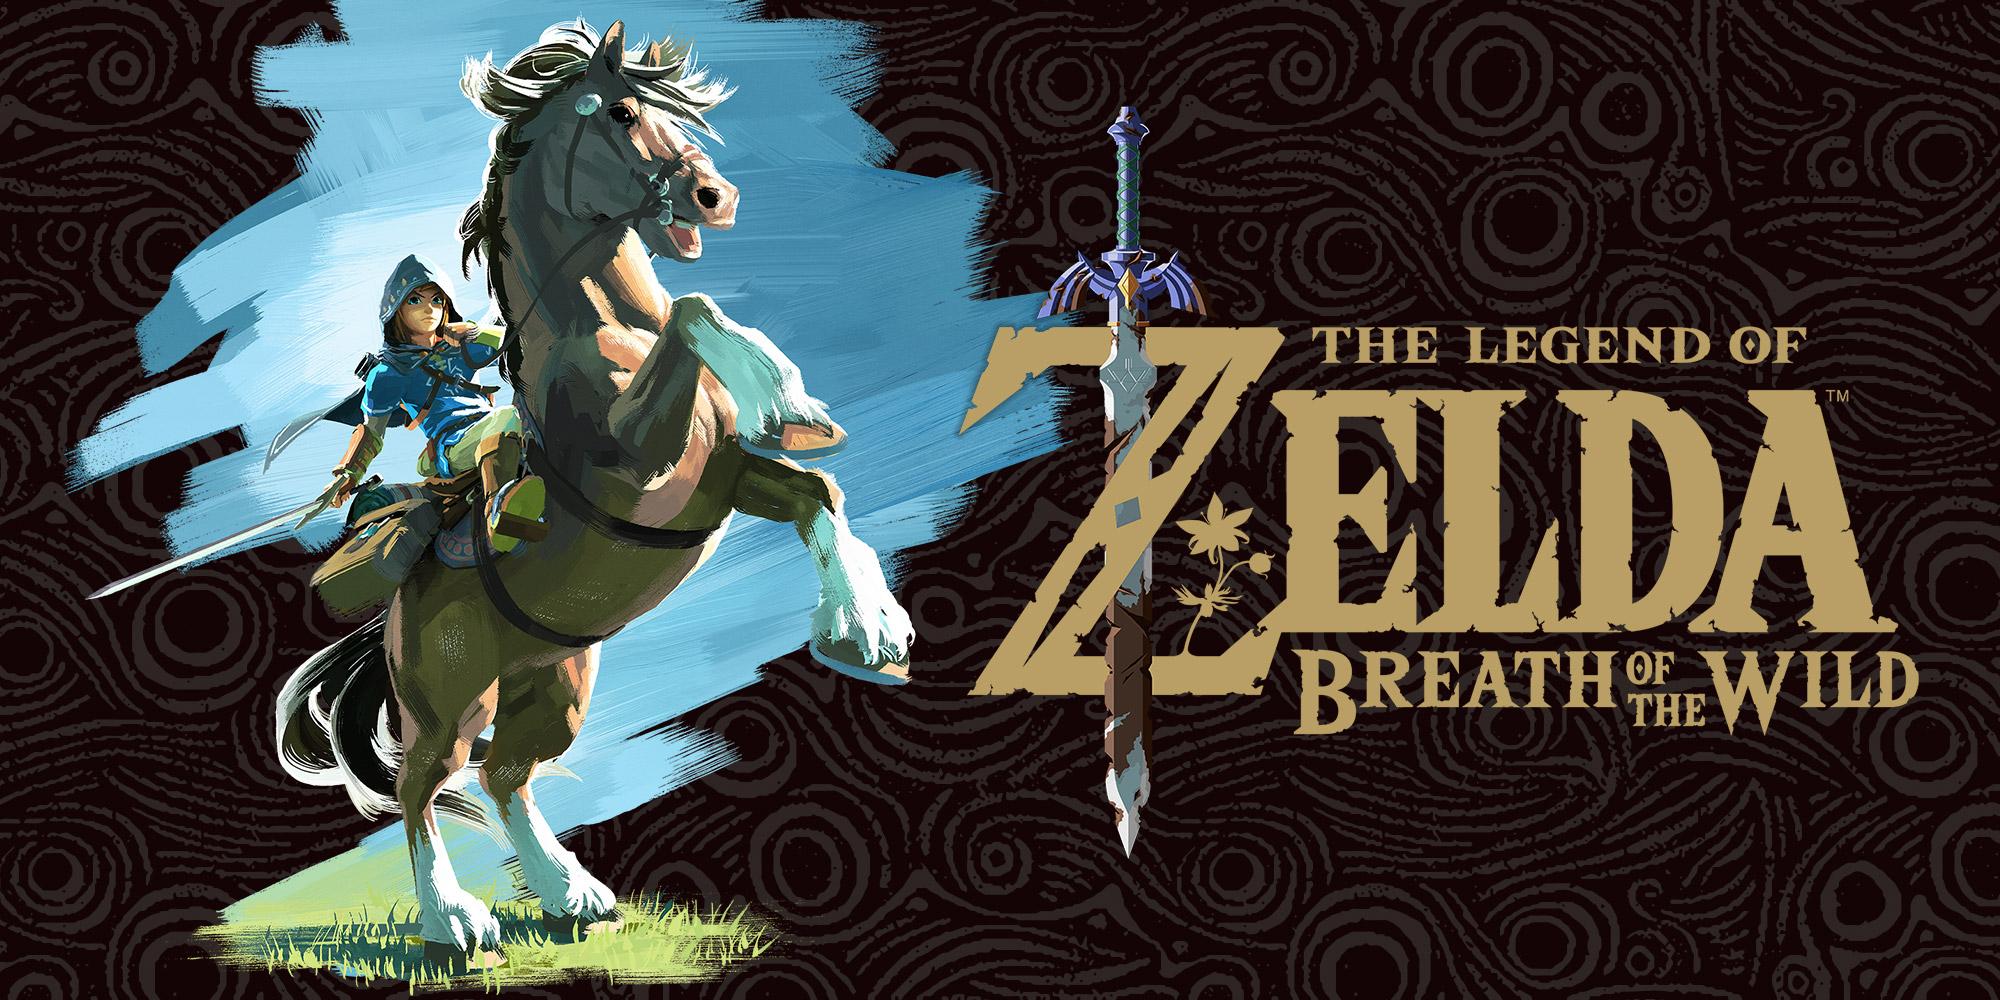 Legend of zelda release date